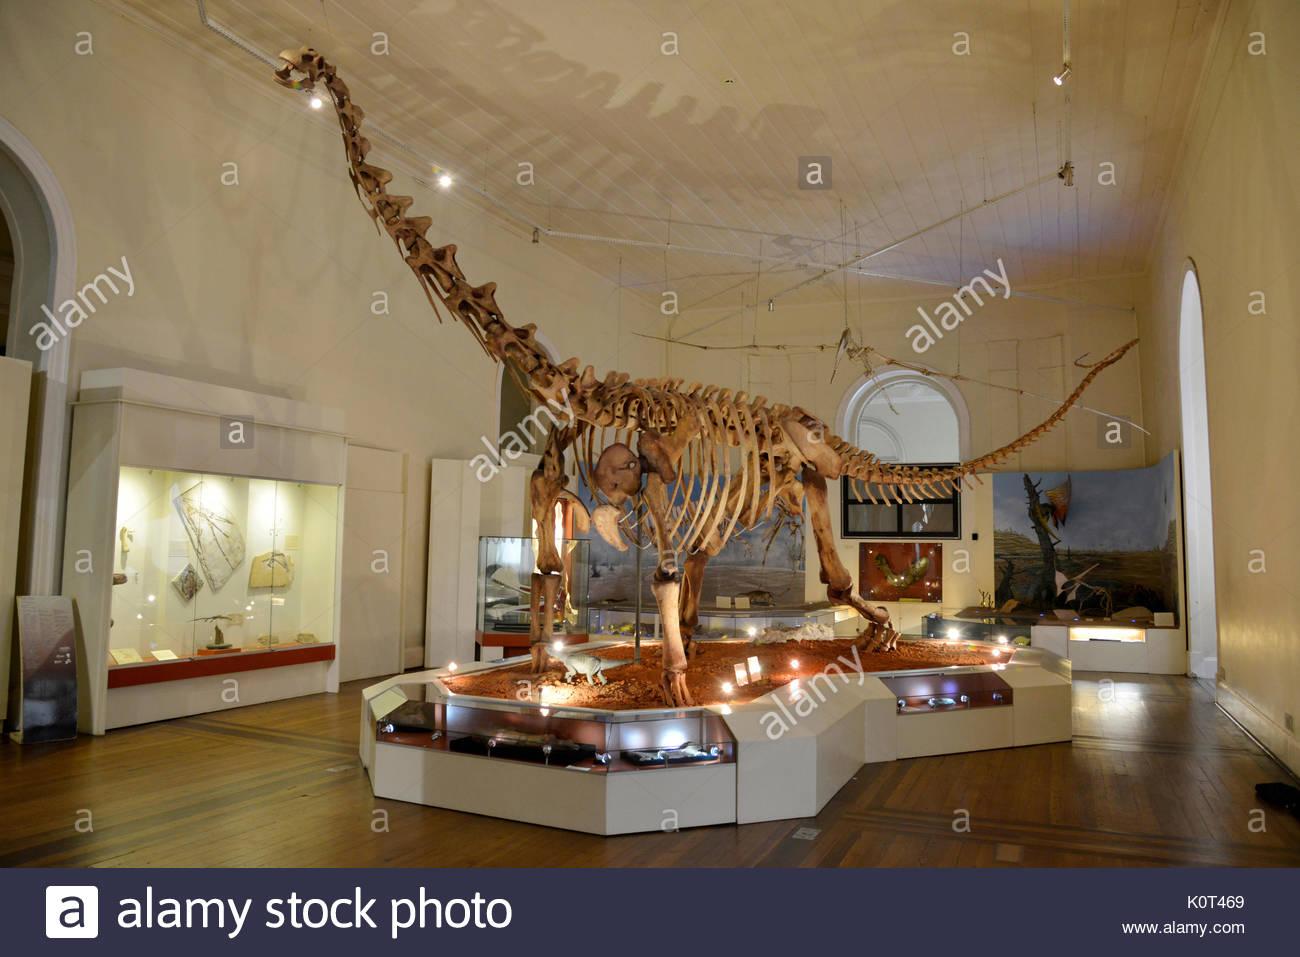 Dinosaur fossil on display inside the National Museum of Quinta da Boa Vista linked to UFRJ in the São Cristóvão neighborhood, Rio de Janeiro, Rio de  - Stock Image